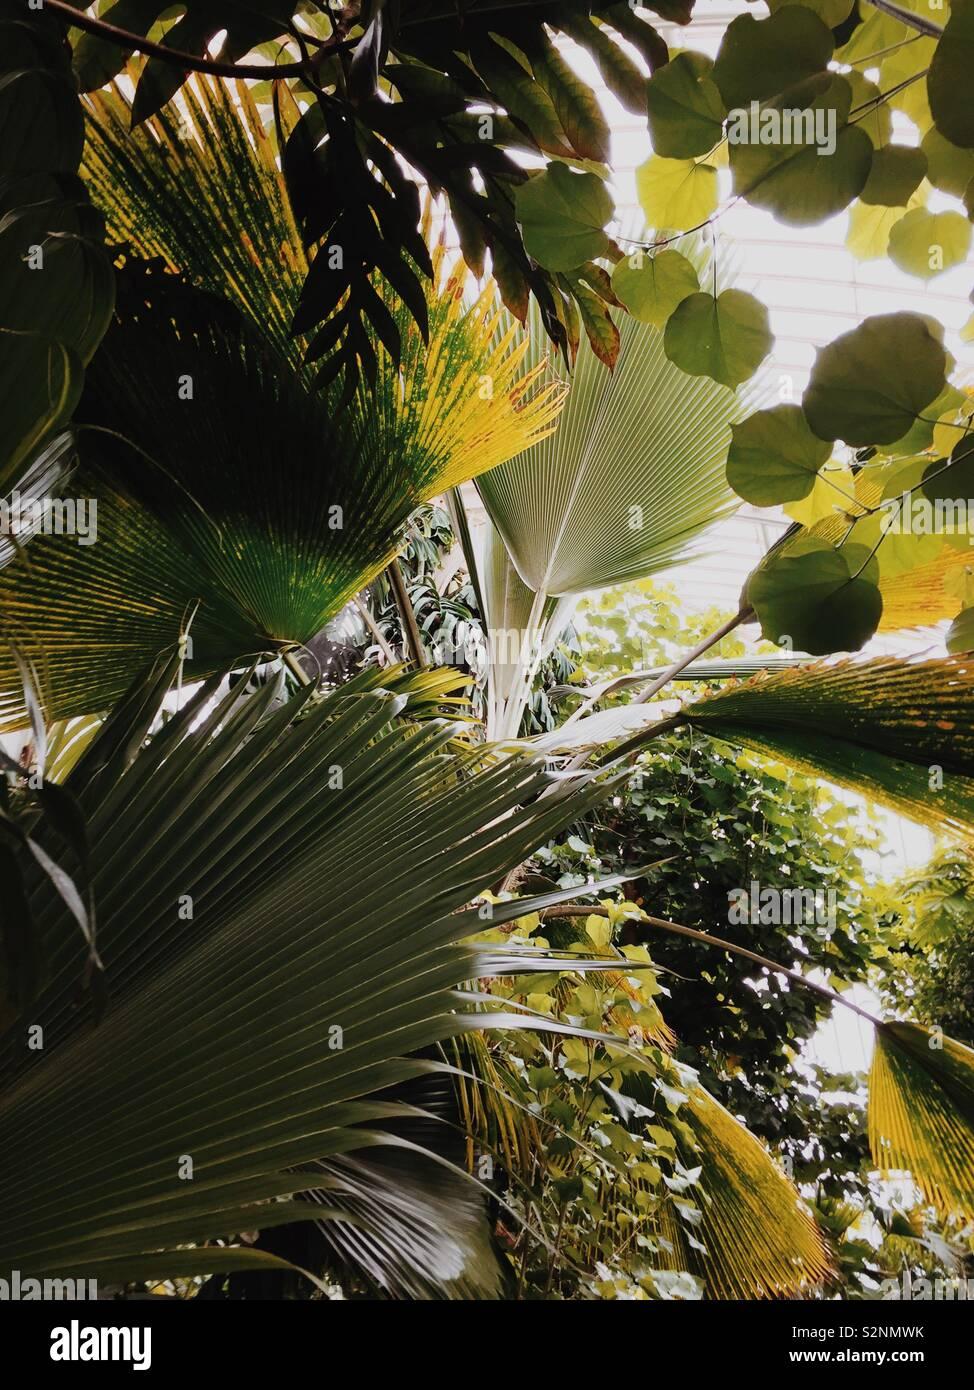 Riesige Palmen im Gewächshaus in Kew Gardens Stockfoto